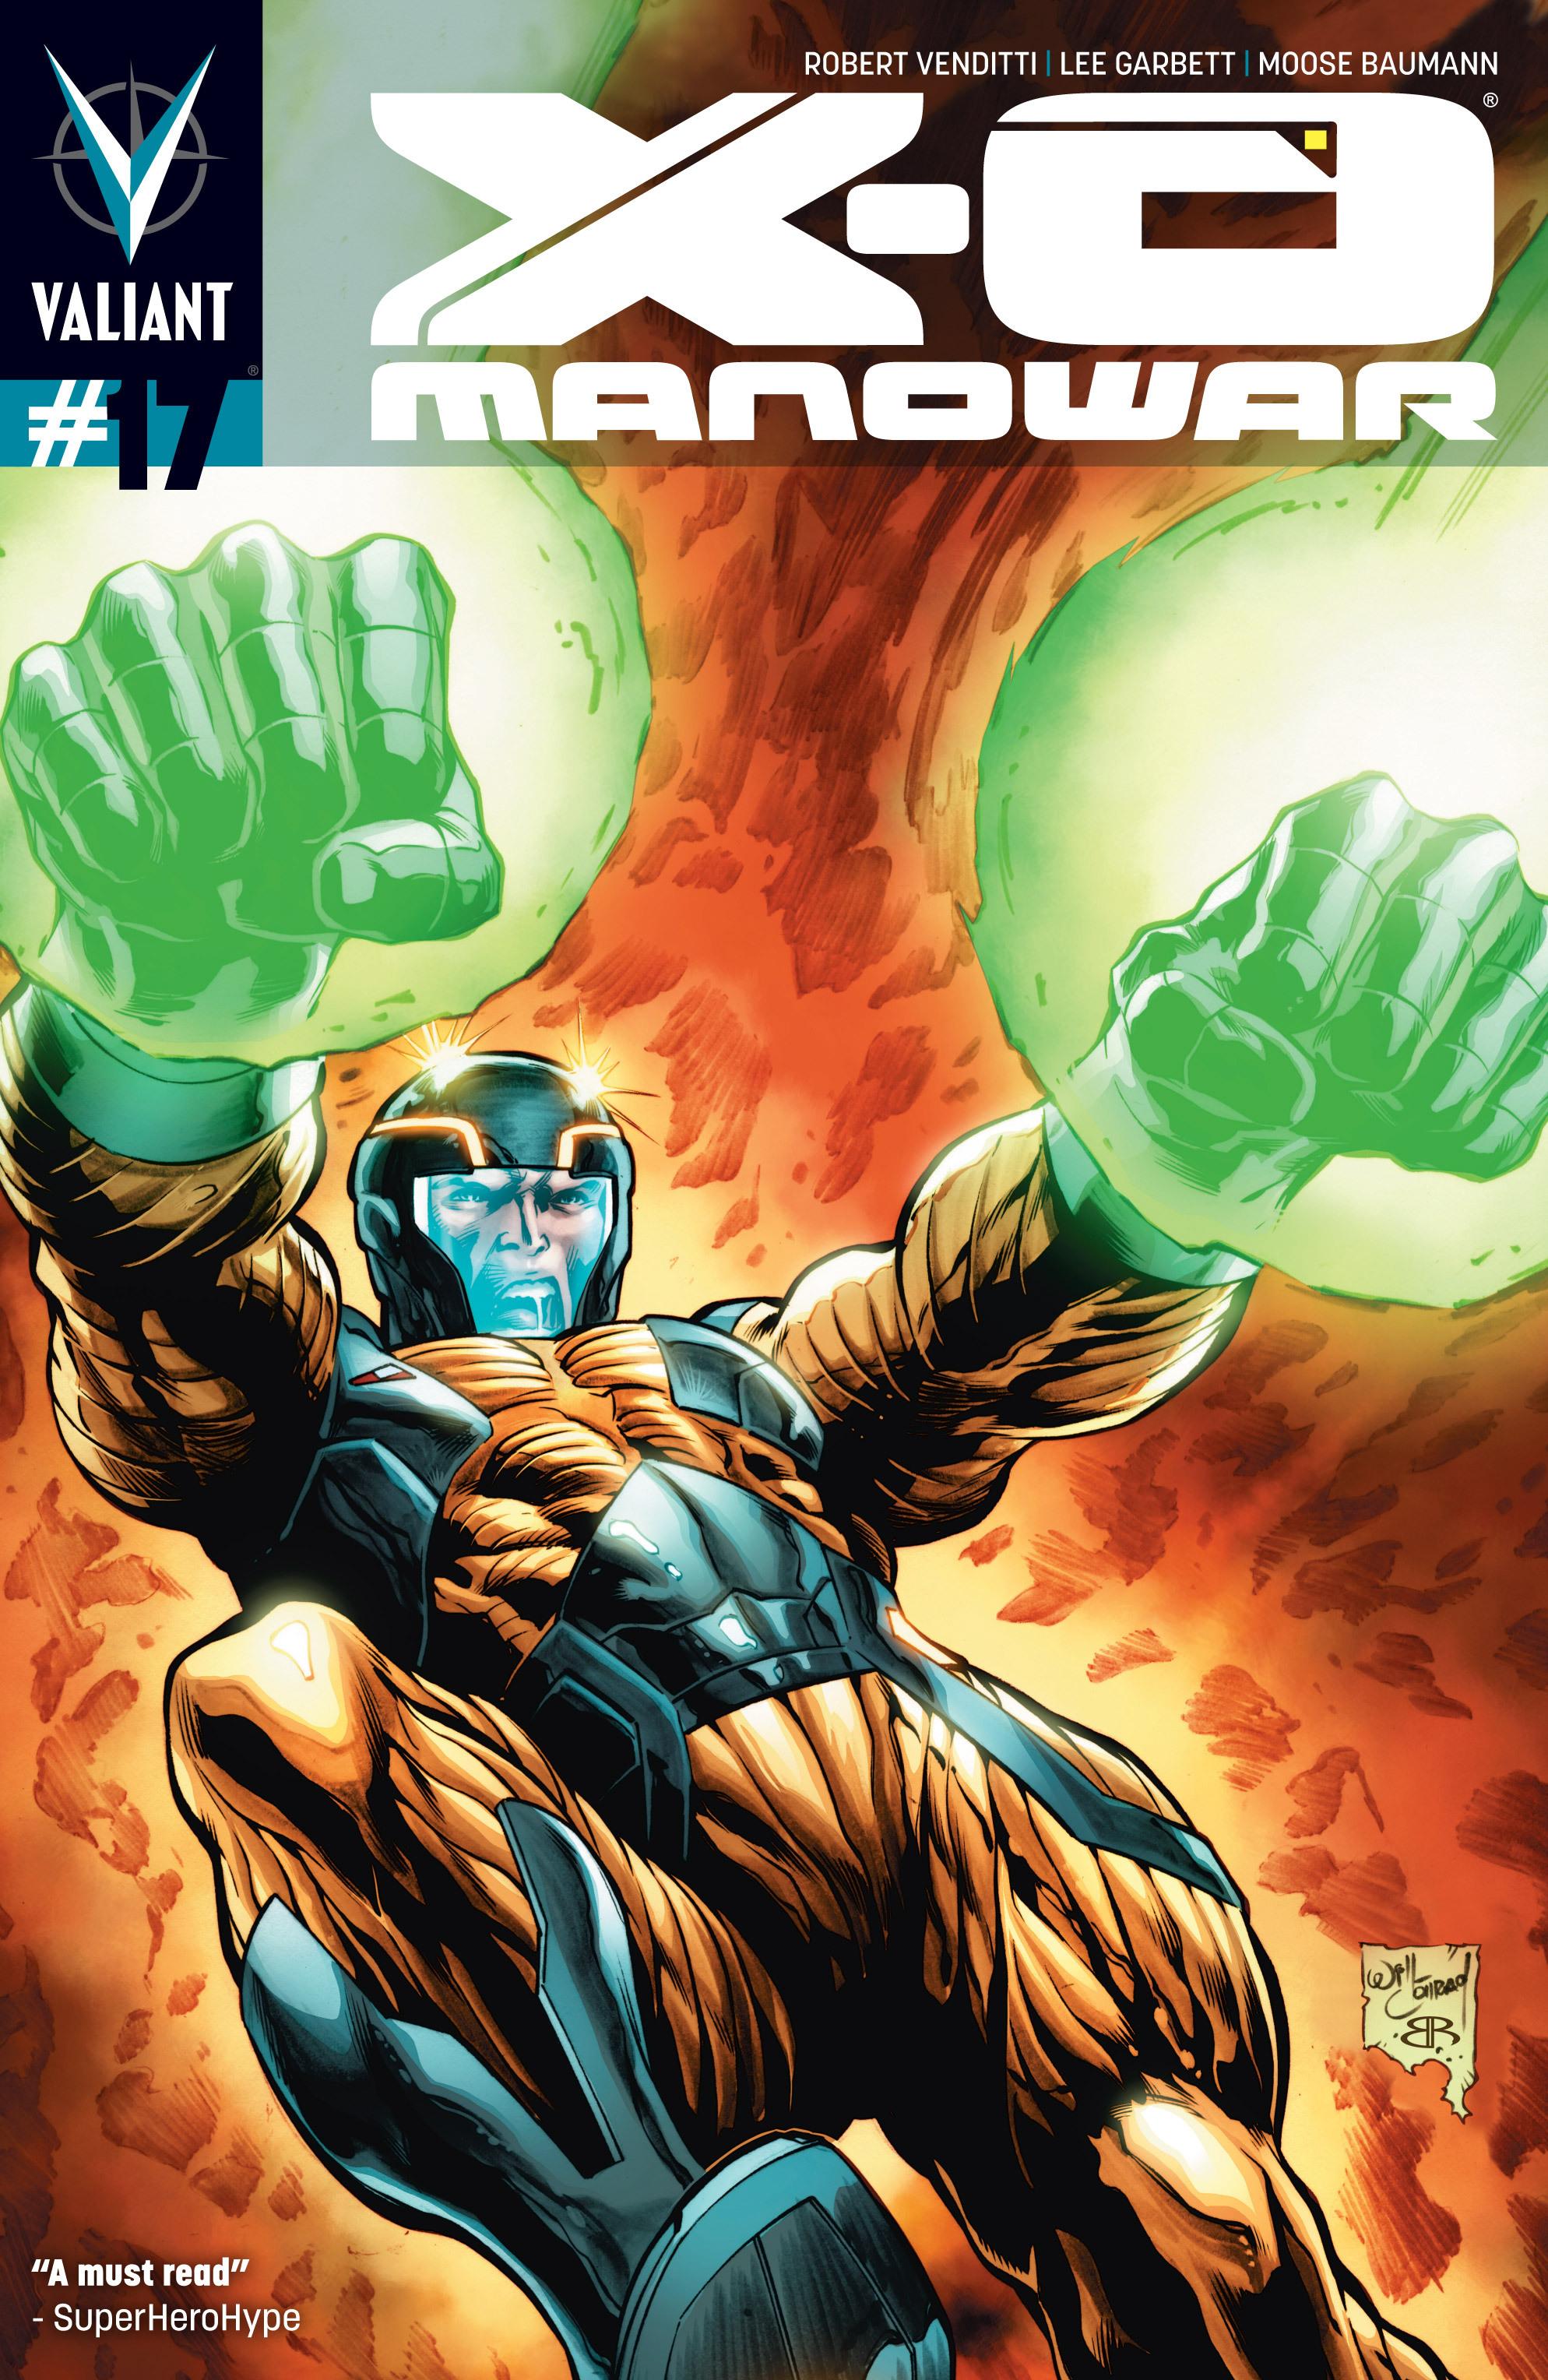 X-O Manowar (2012) 17 Page 1